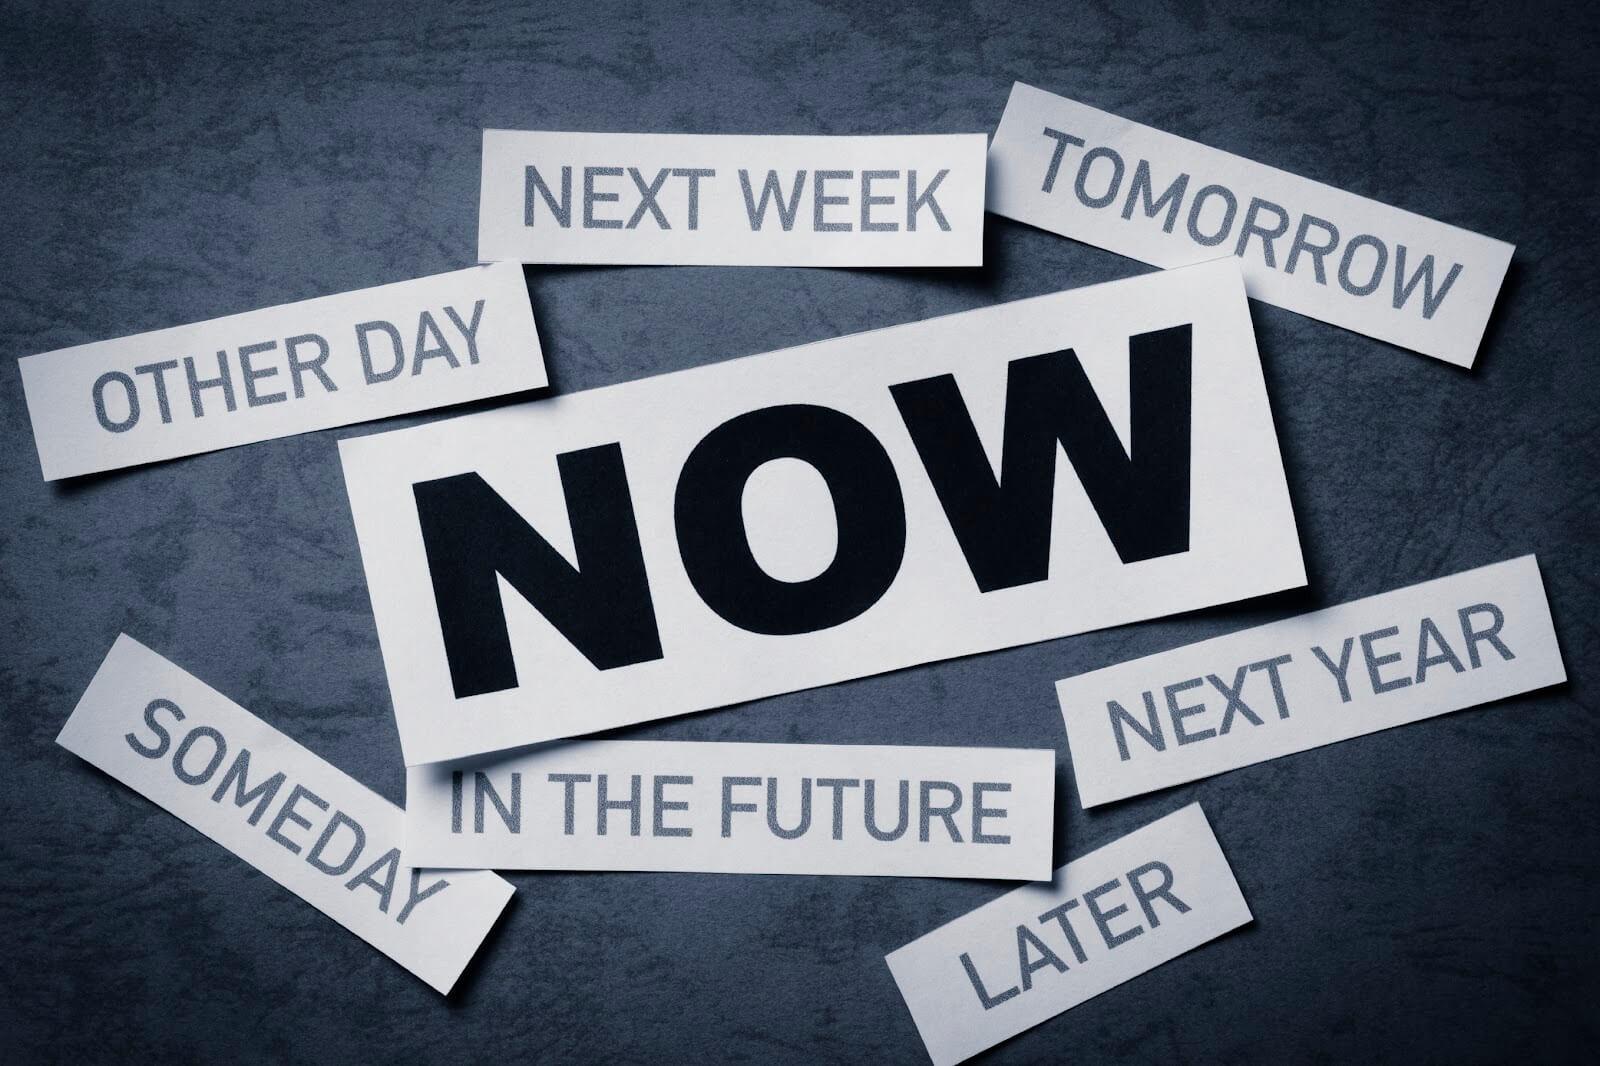 Prokrastynacja - co to jest, jak z nią walczyć i znaleźć pracę (3 porady)